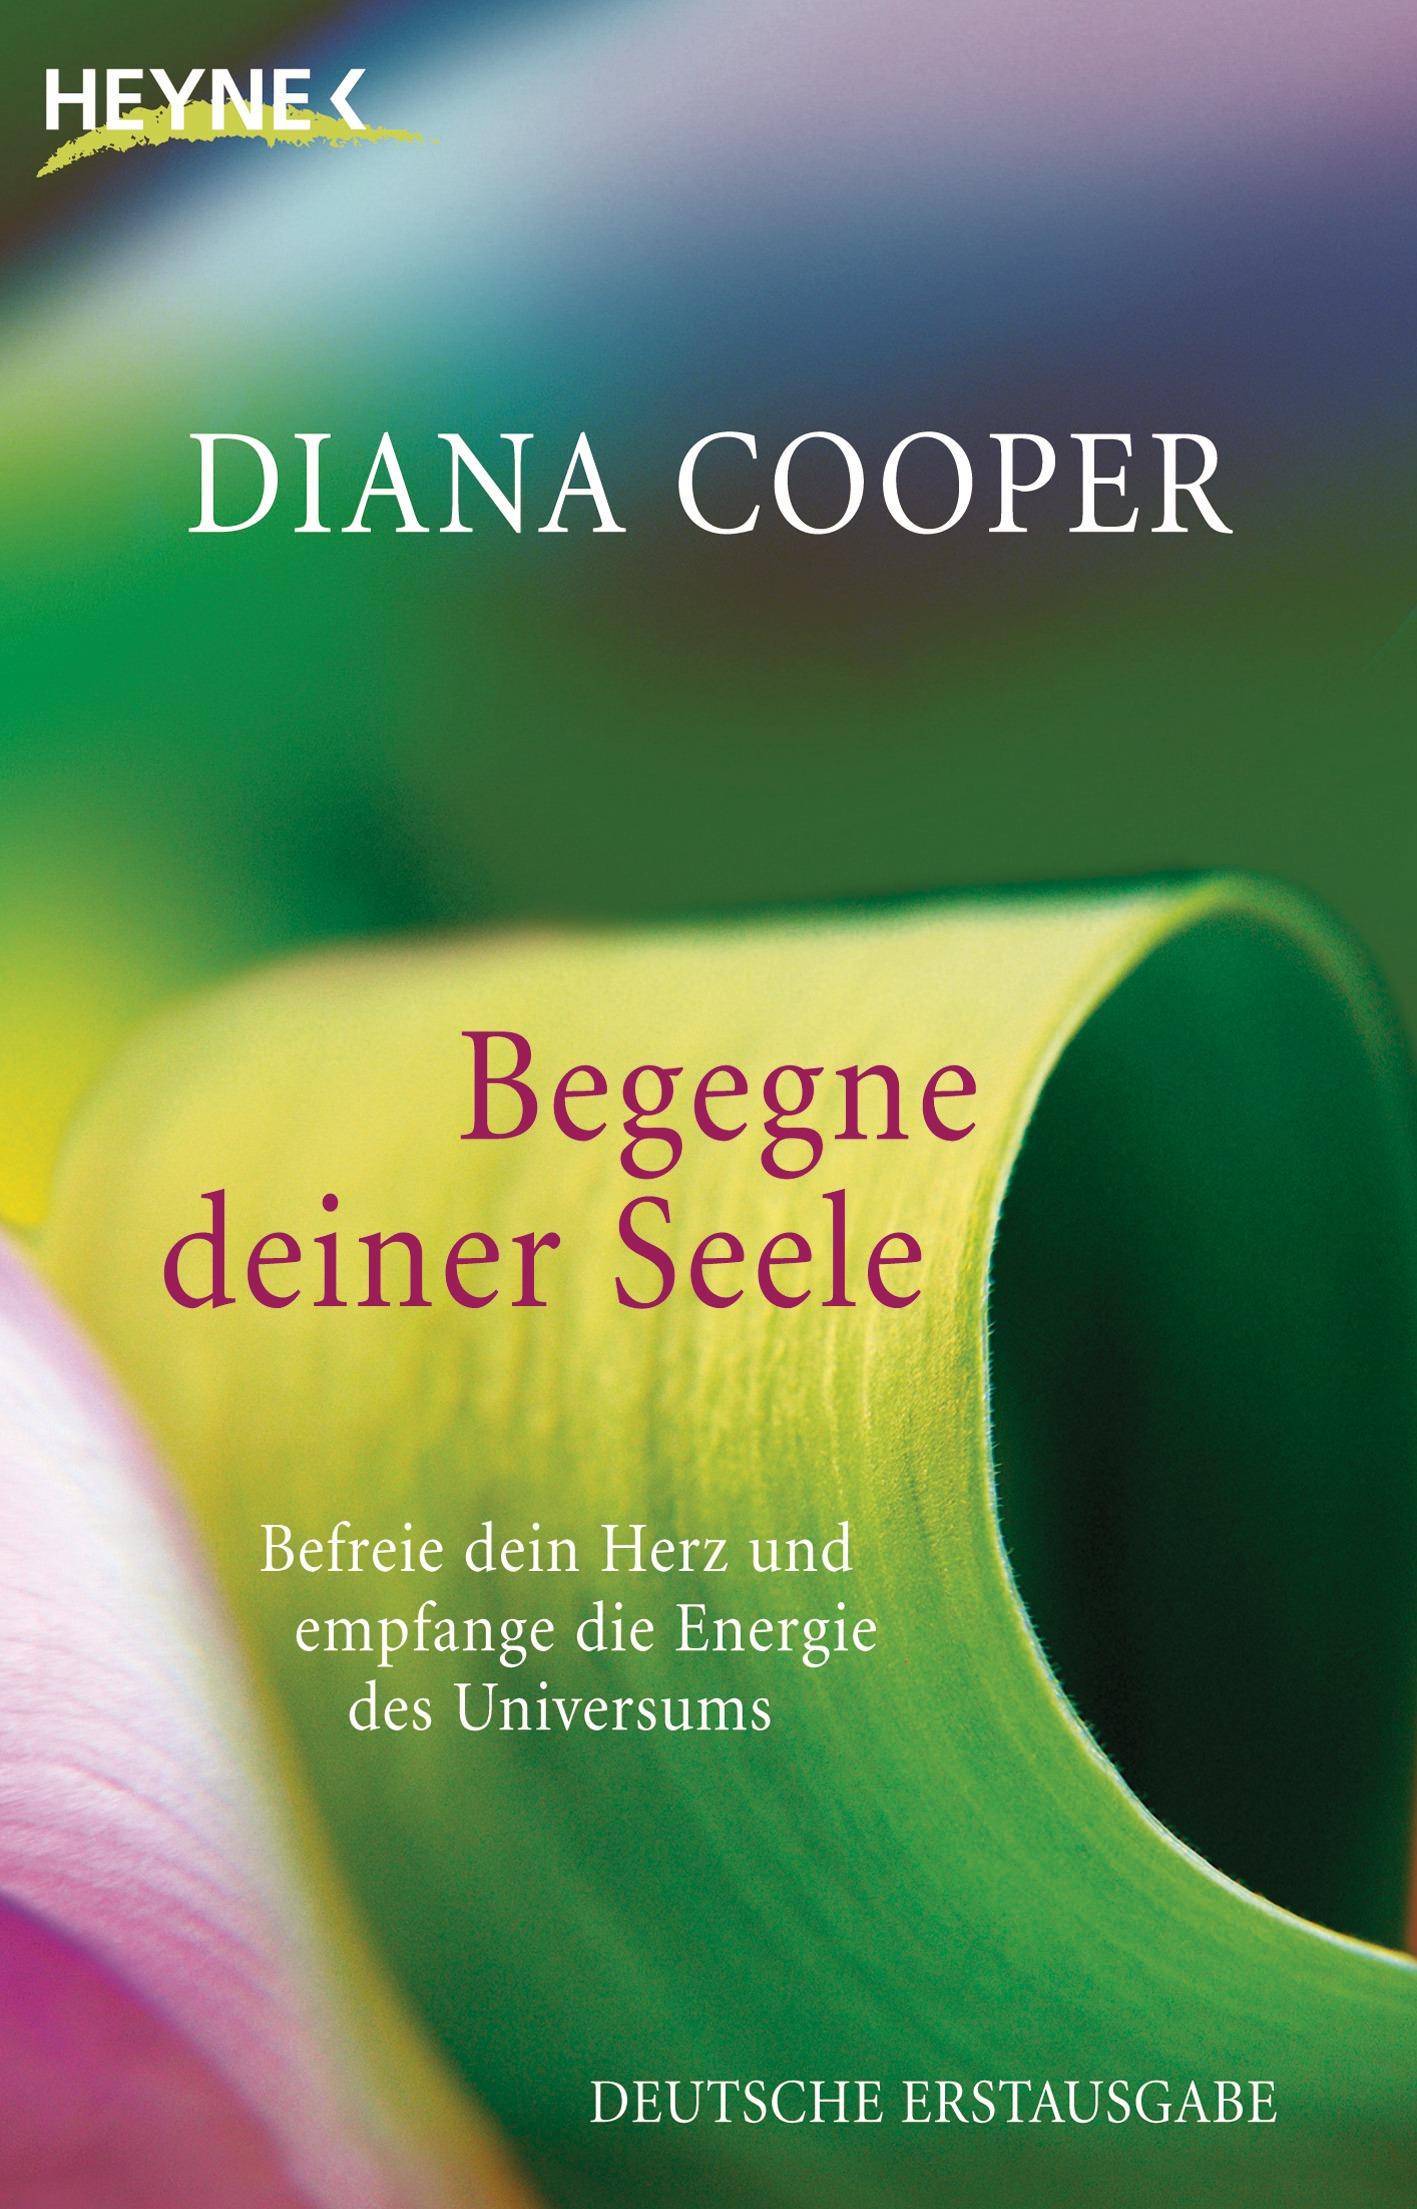 Begegne deiner Seele: Befreie dein Herz und empfange die Energie des Universums - Diana Cooper